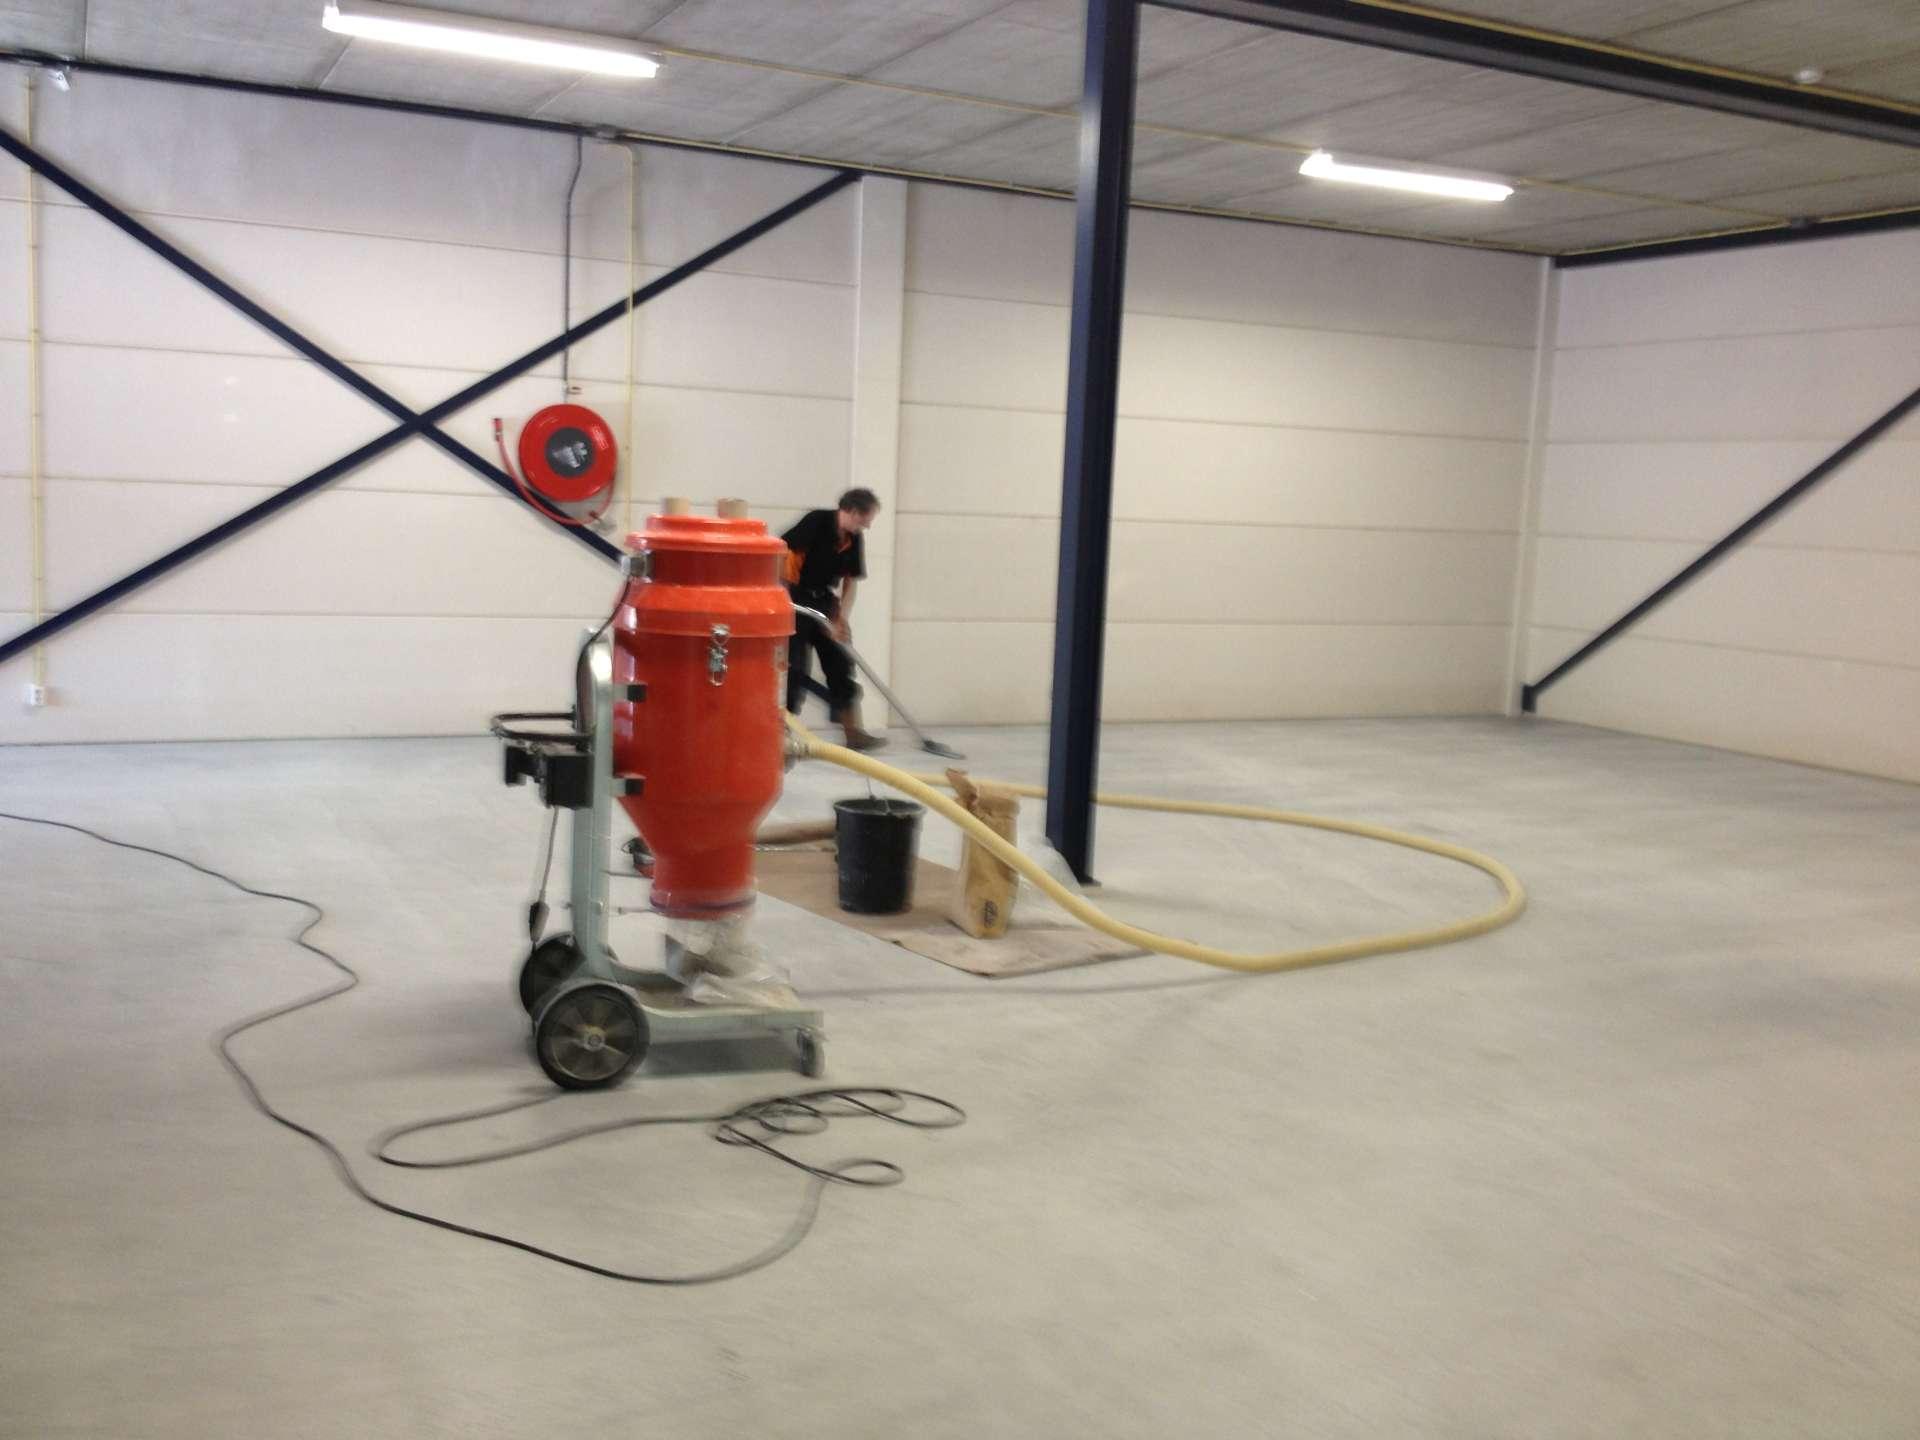 vloercoating aanbrengen fabriekshal best vloerrenovatie